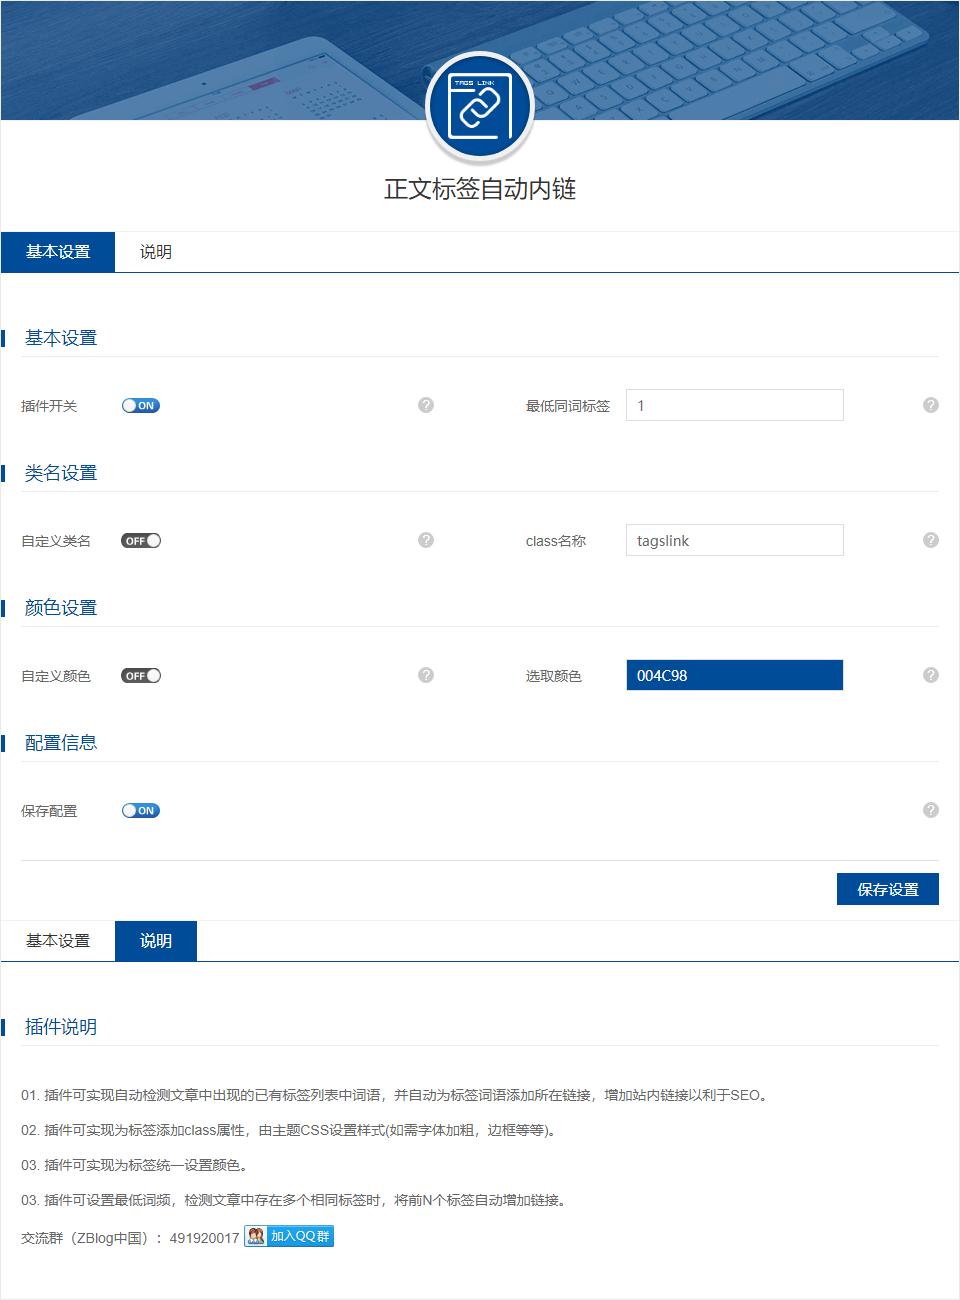 Zblog模板 获取文章自动添加标签链接插件